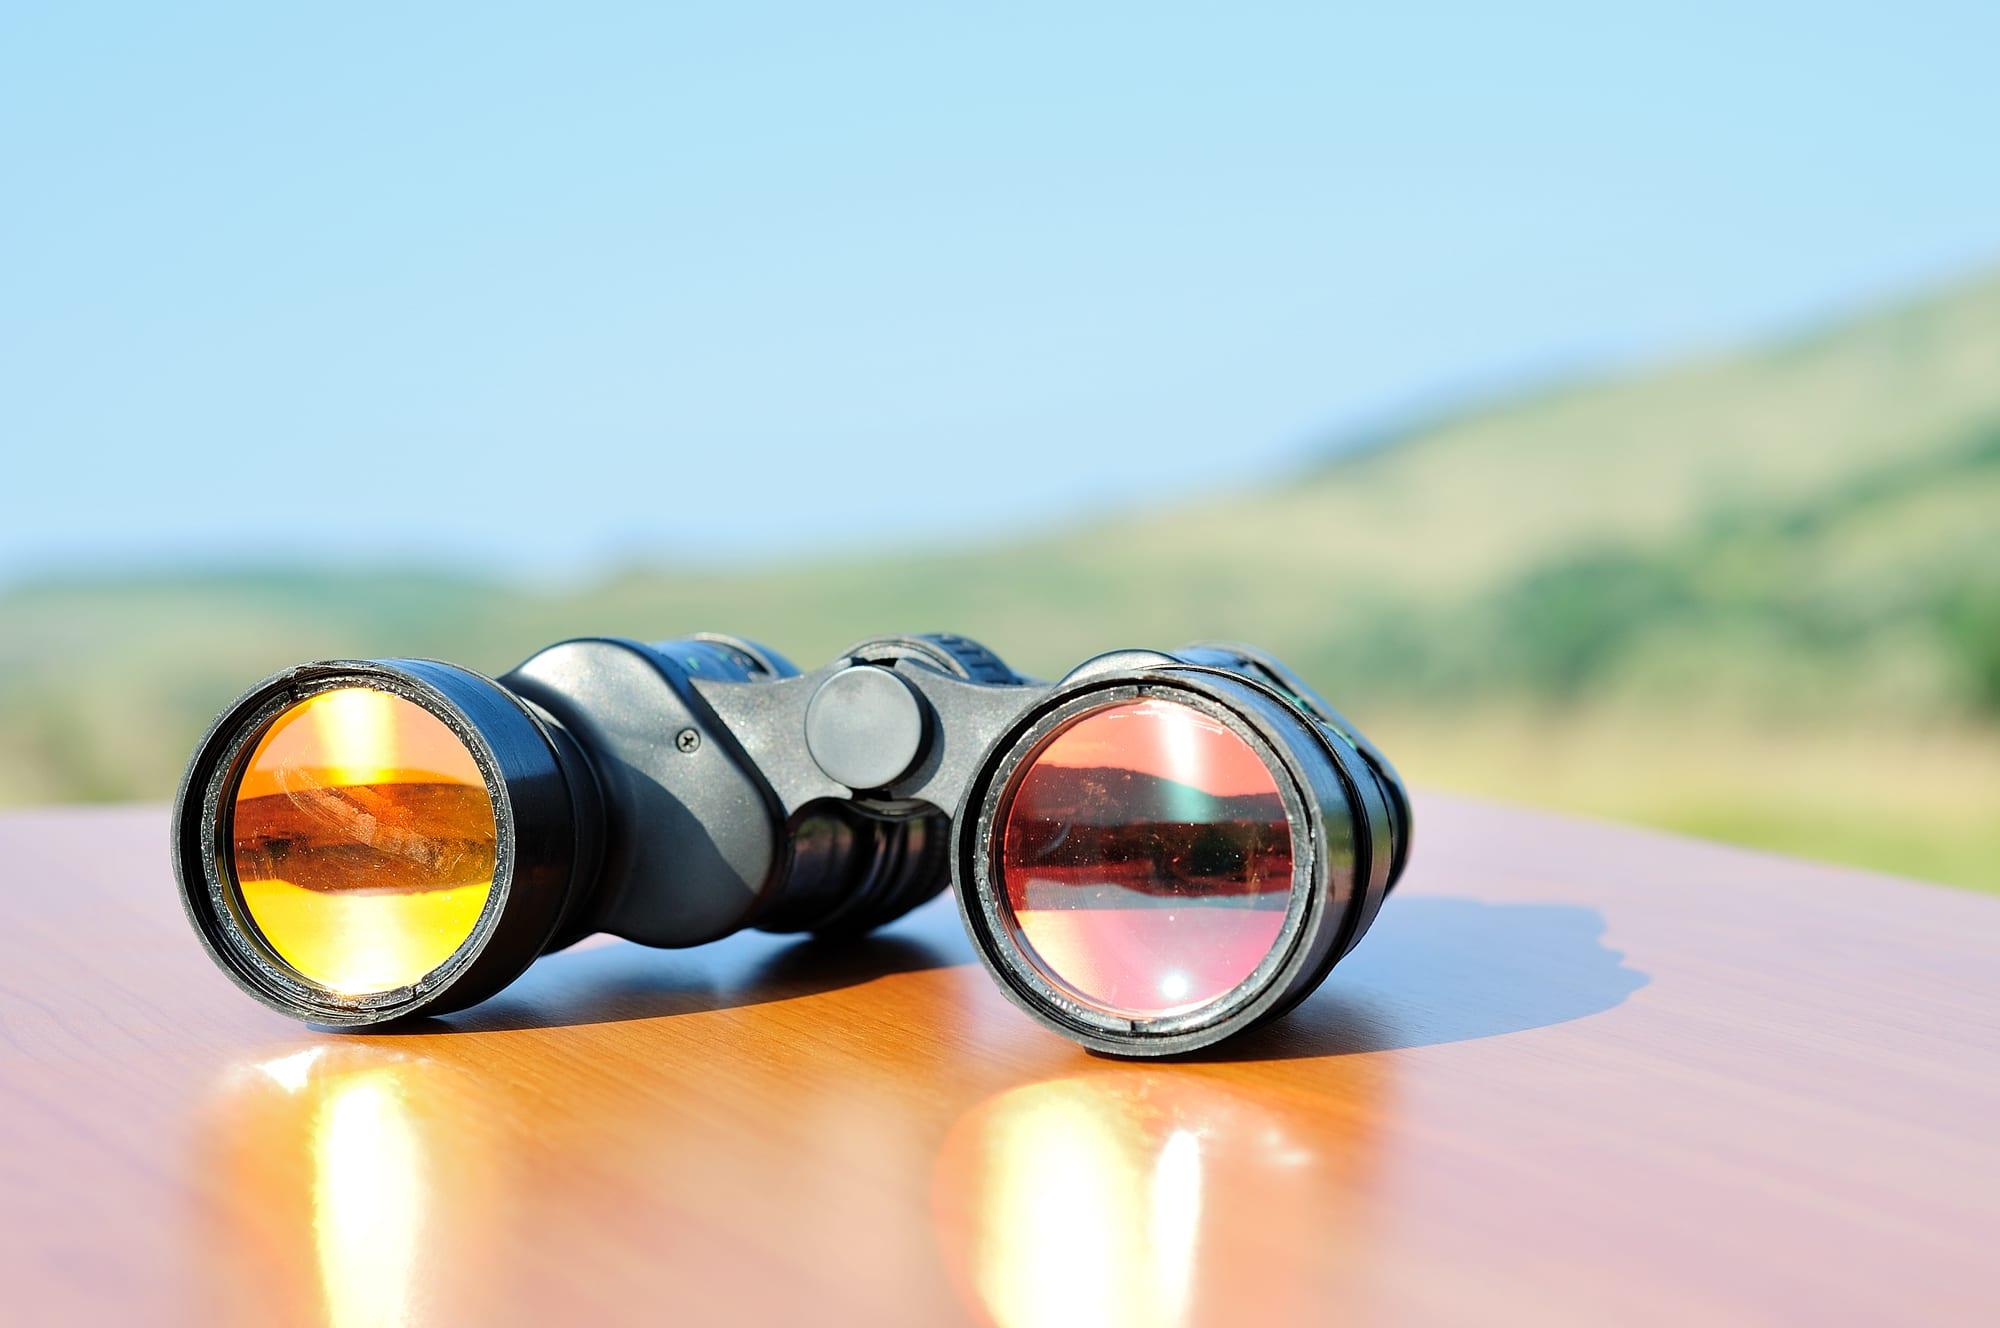 Binoculars, representing zero-click searches.